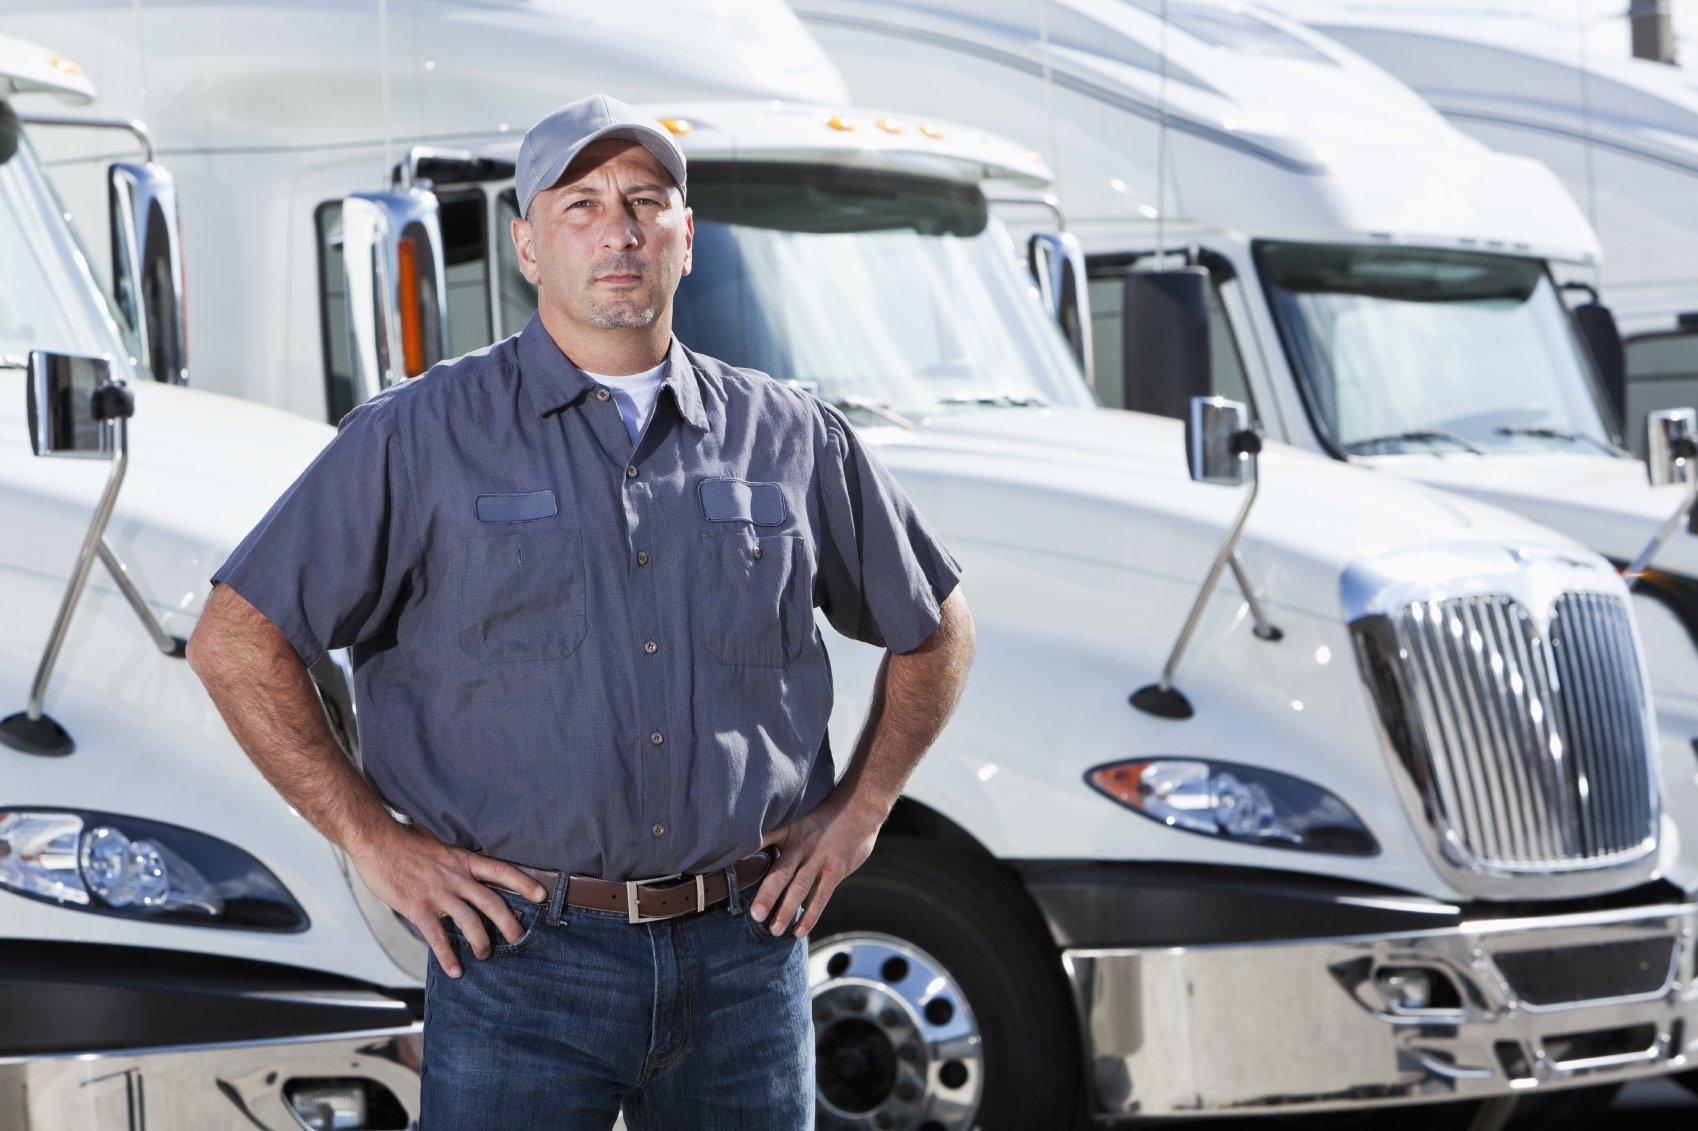 Опасности работы водителя-дальнобойщика: монотонность